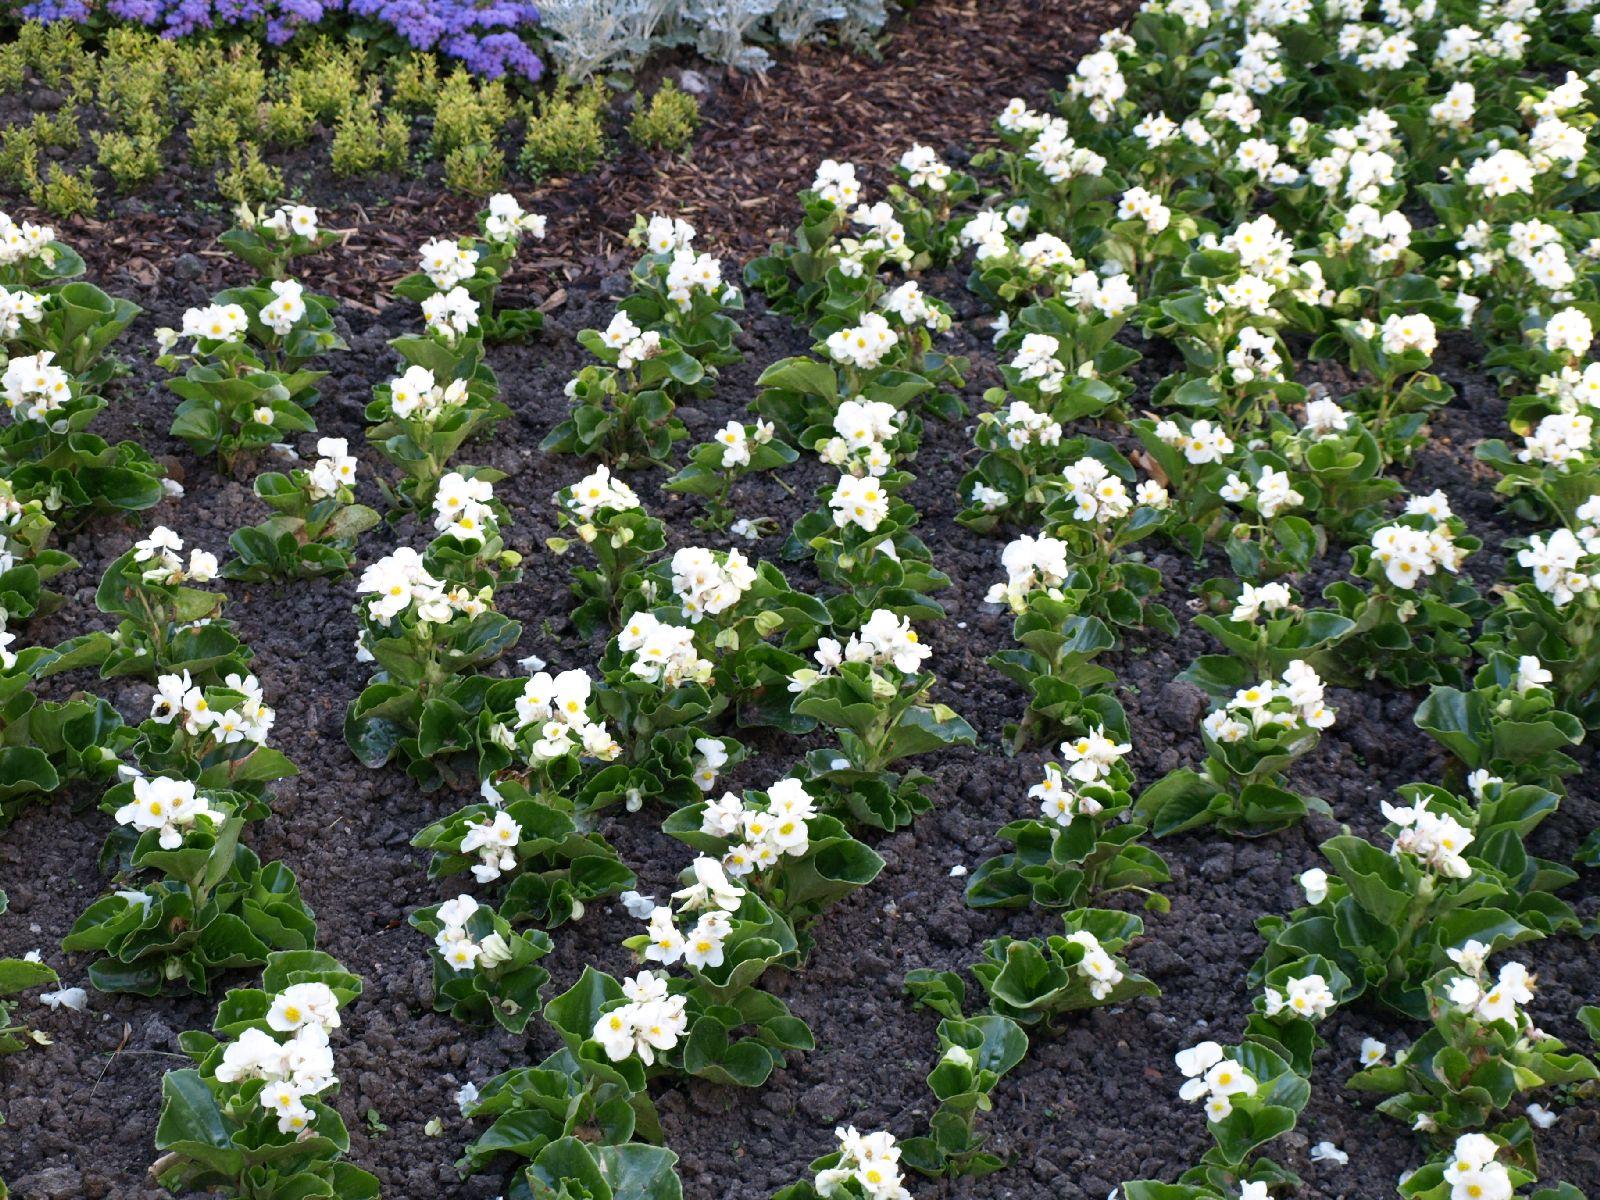 Pflanzen-Blumen-Foto_Textur_B_P6223623